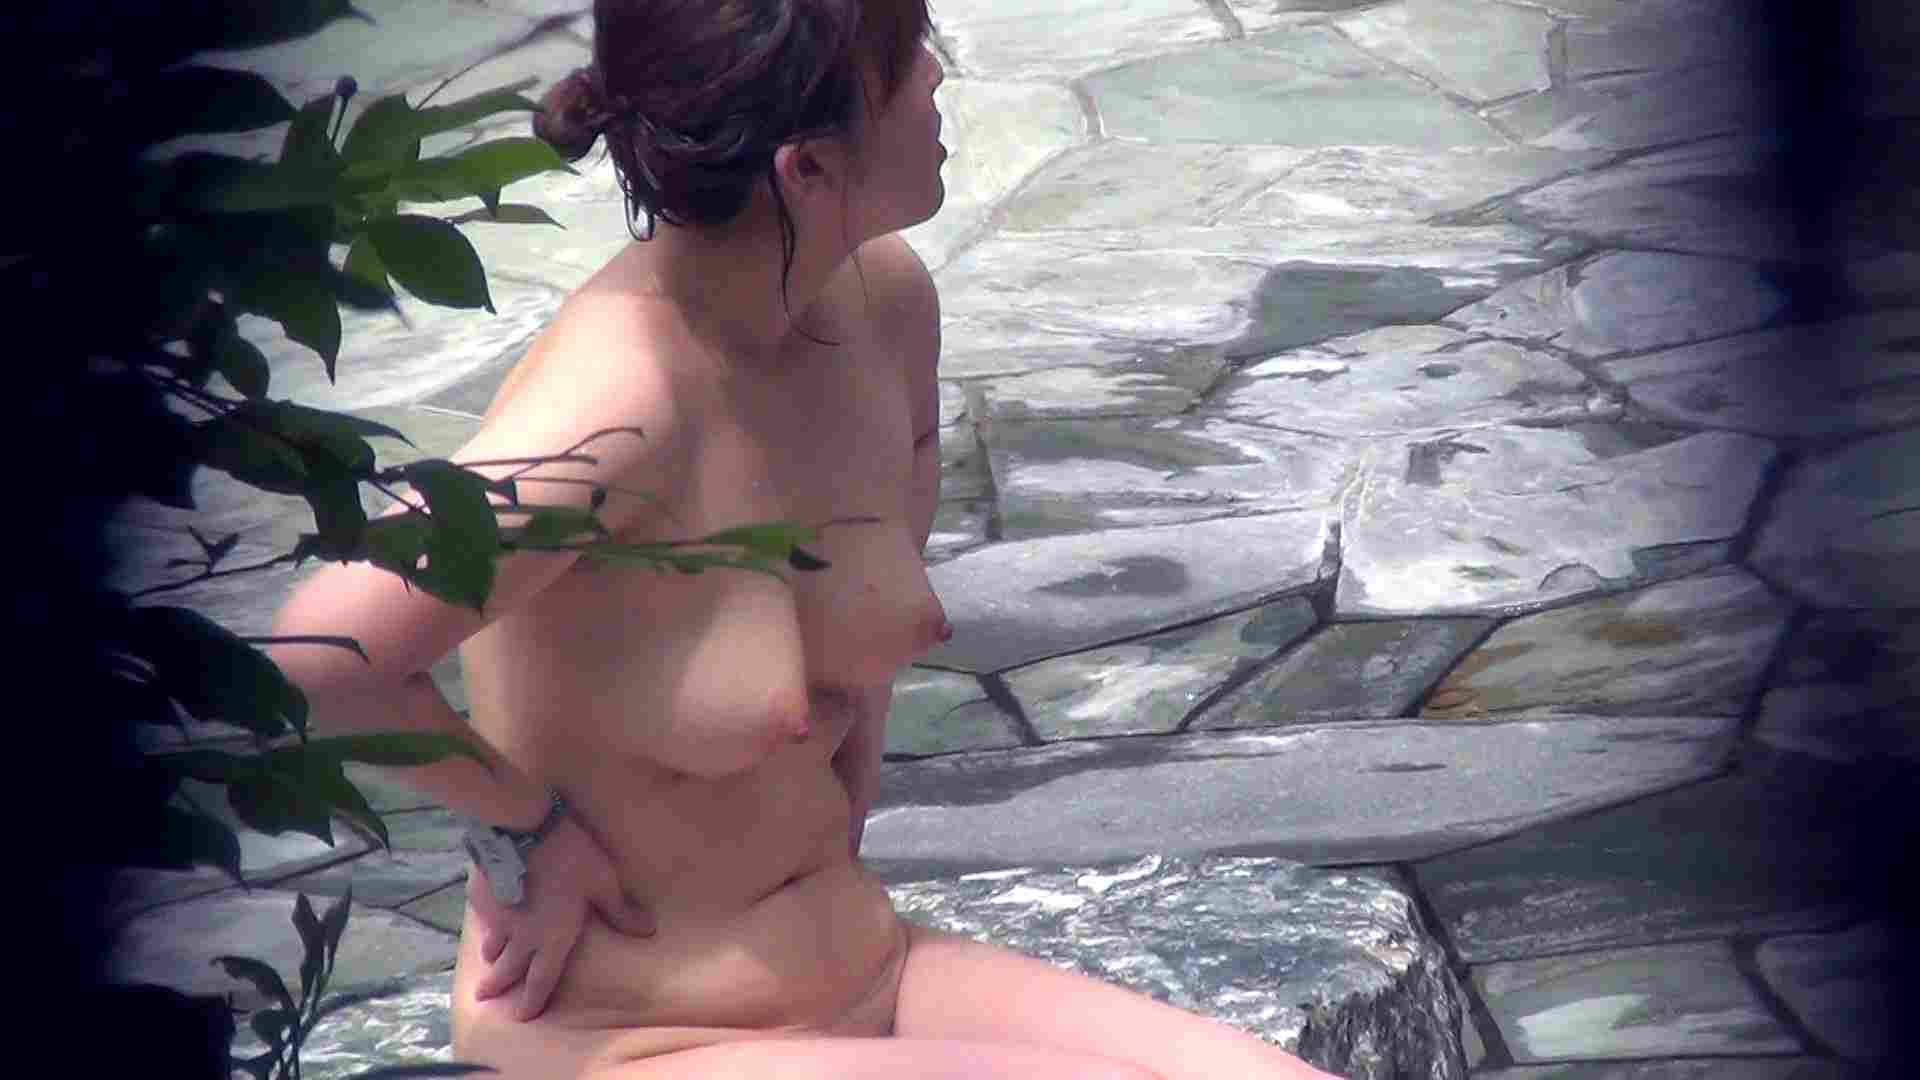 Aquaな露天風呂Vol.275 美しいOLの裸体  79pic 30